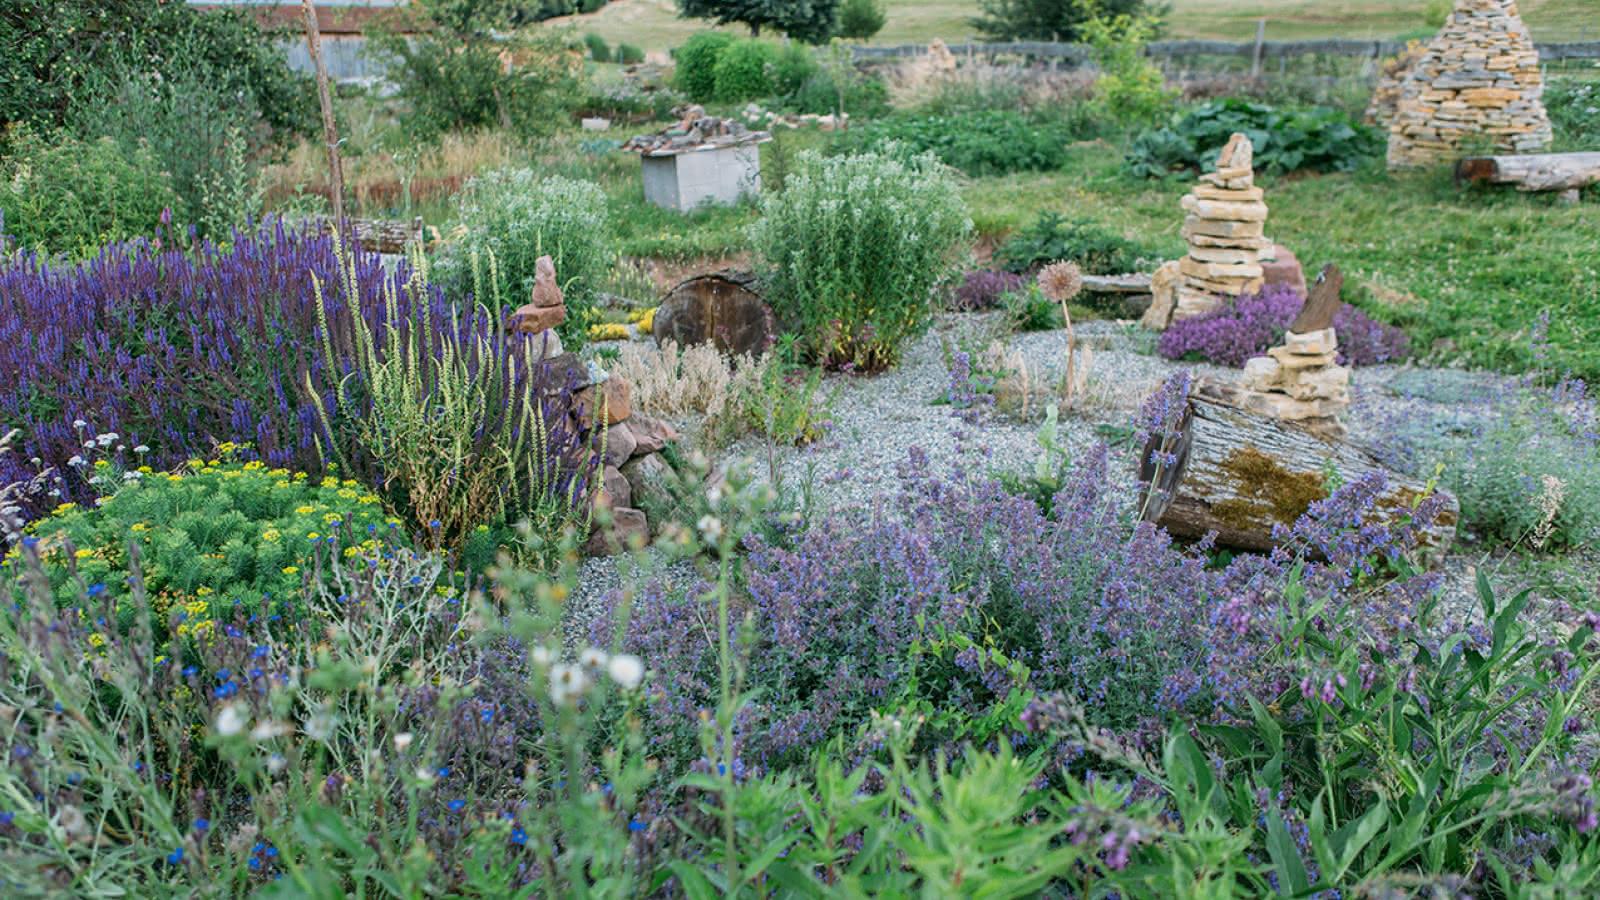 Hymenoptera, Le Jardin Écologique - Obersteinbach   Visit Alsace à Jardins Écologiques